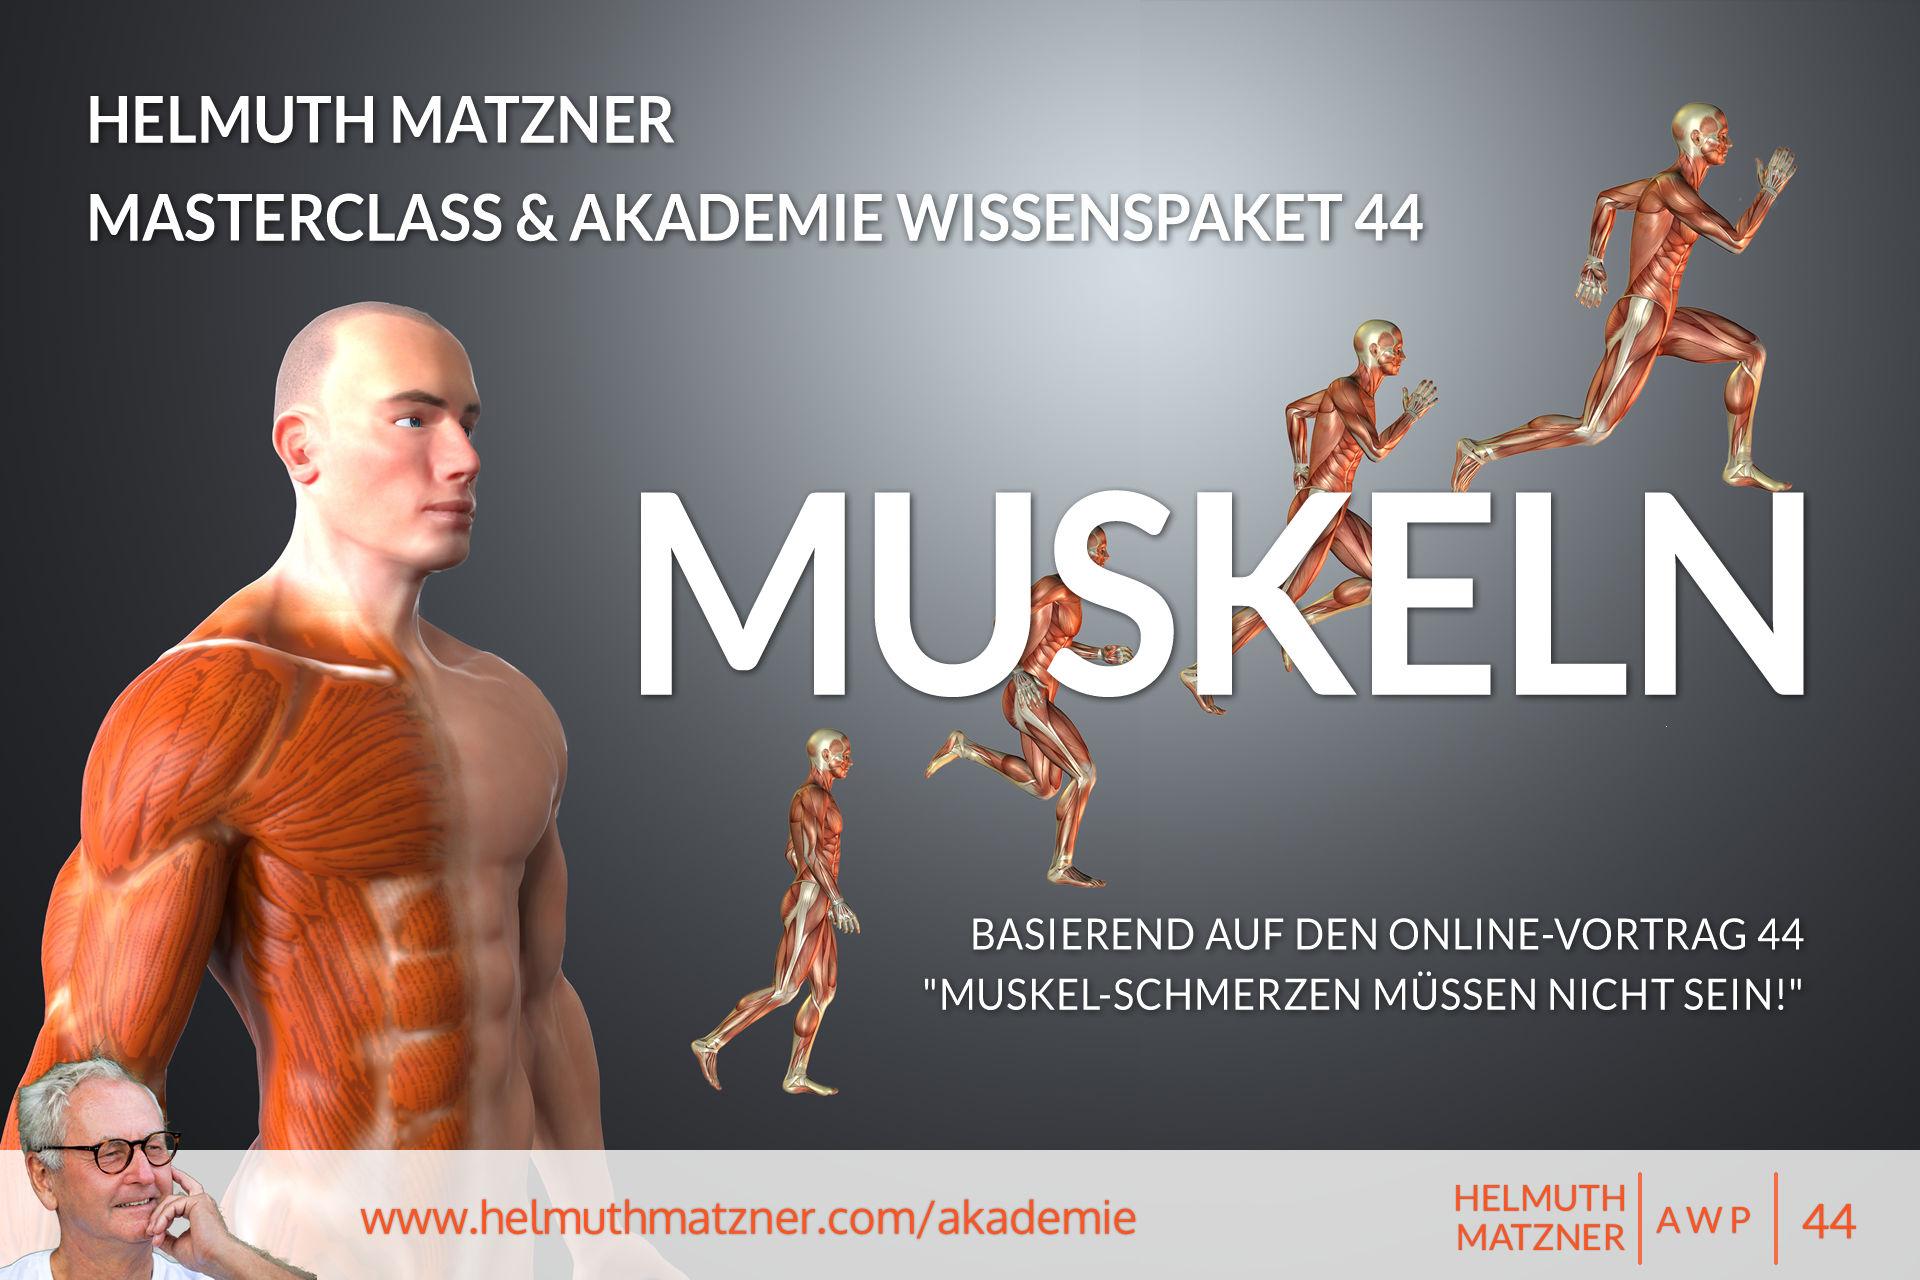 Helmuth Matzner - Masterclass & Akademie Wissenspaket 44 - Muskeln - Banner v11B